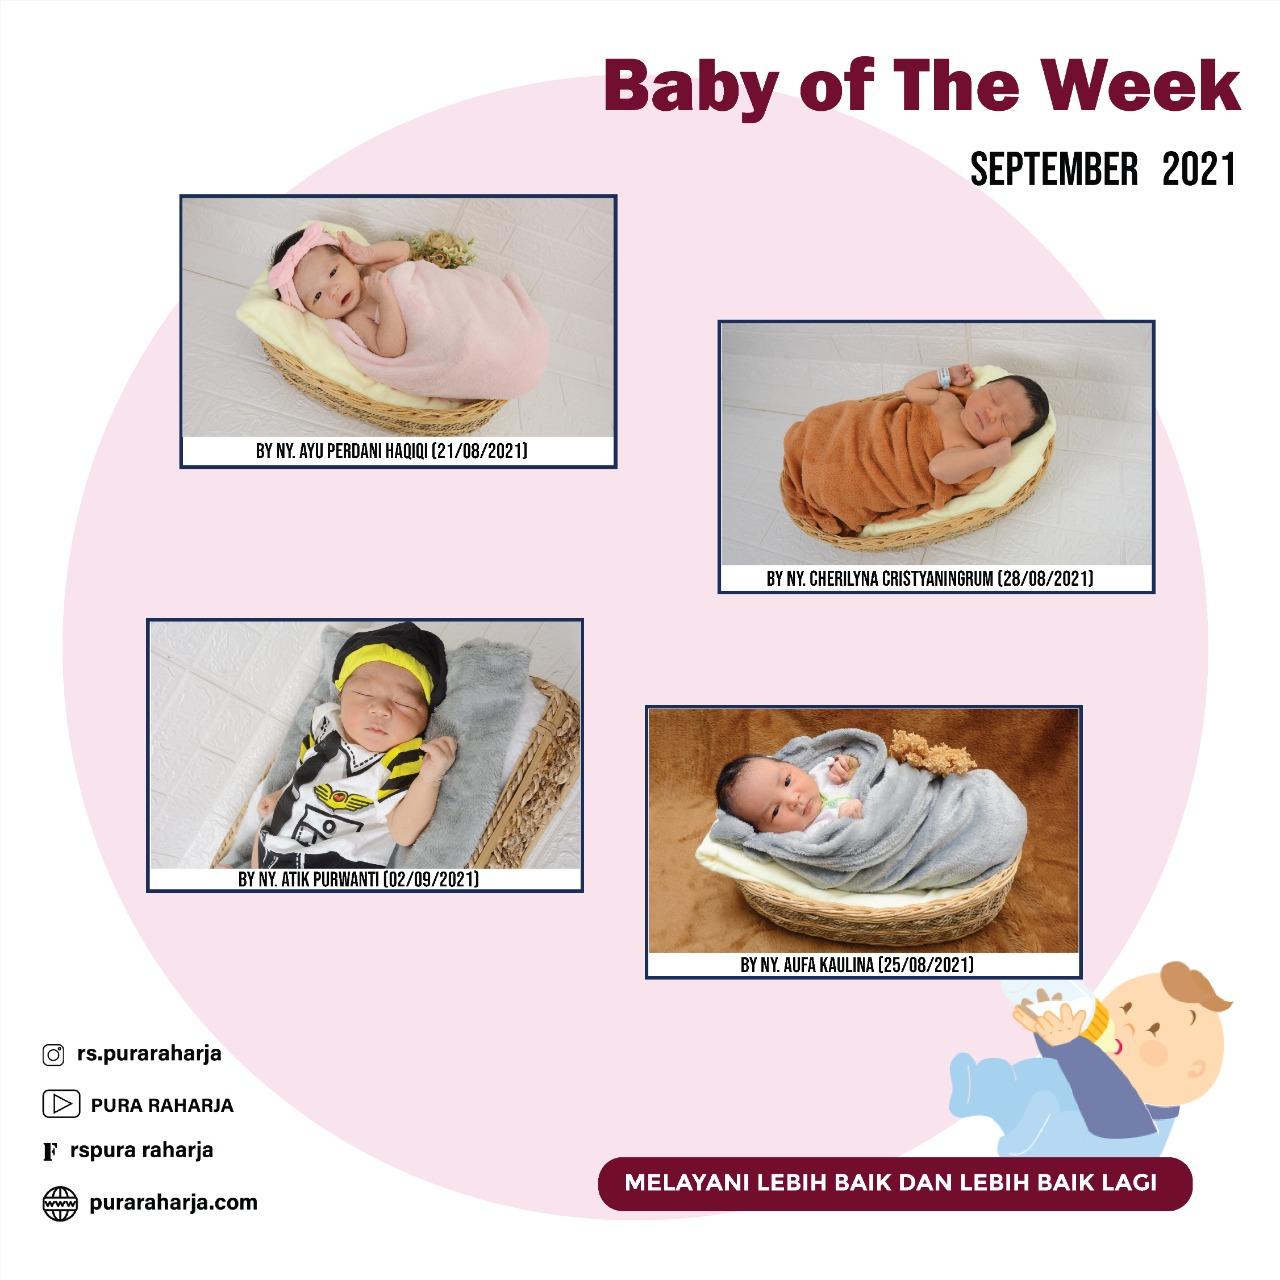 Baby Born in September 2021